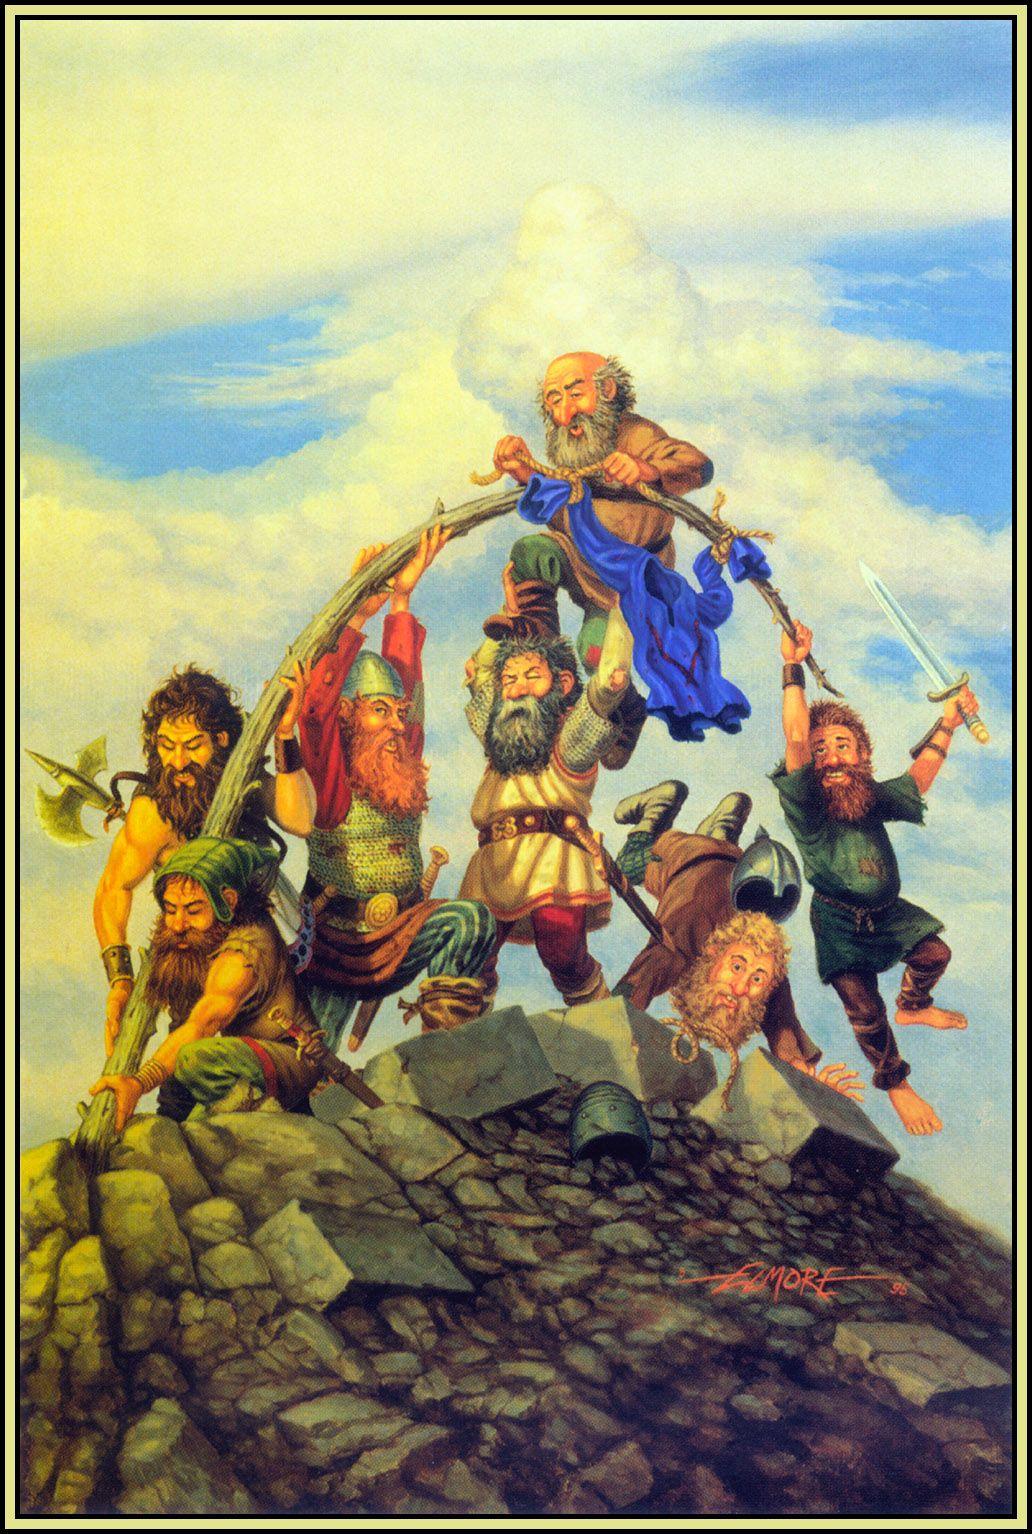 Larry Elmore Dragonlance Cover Art